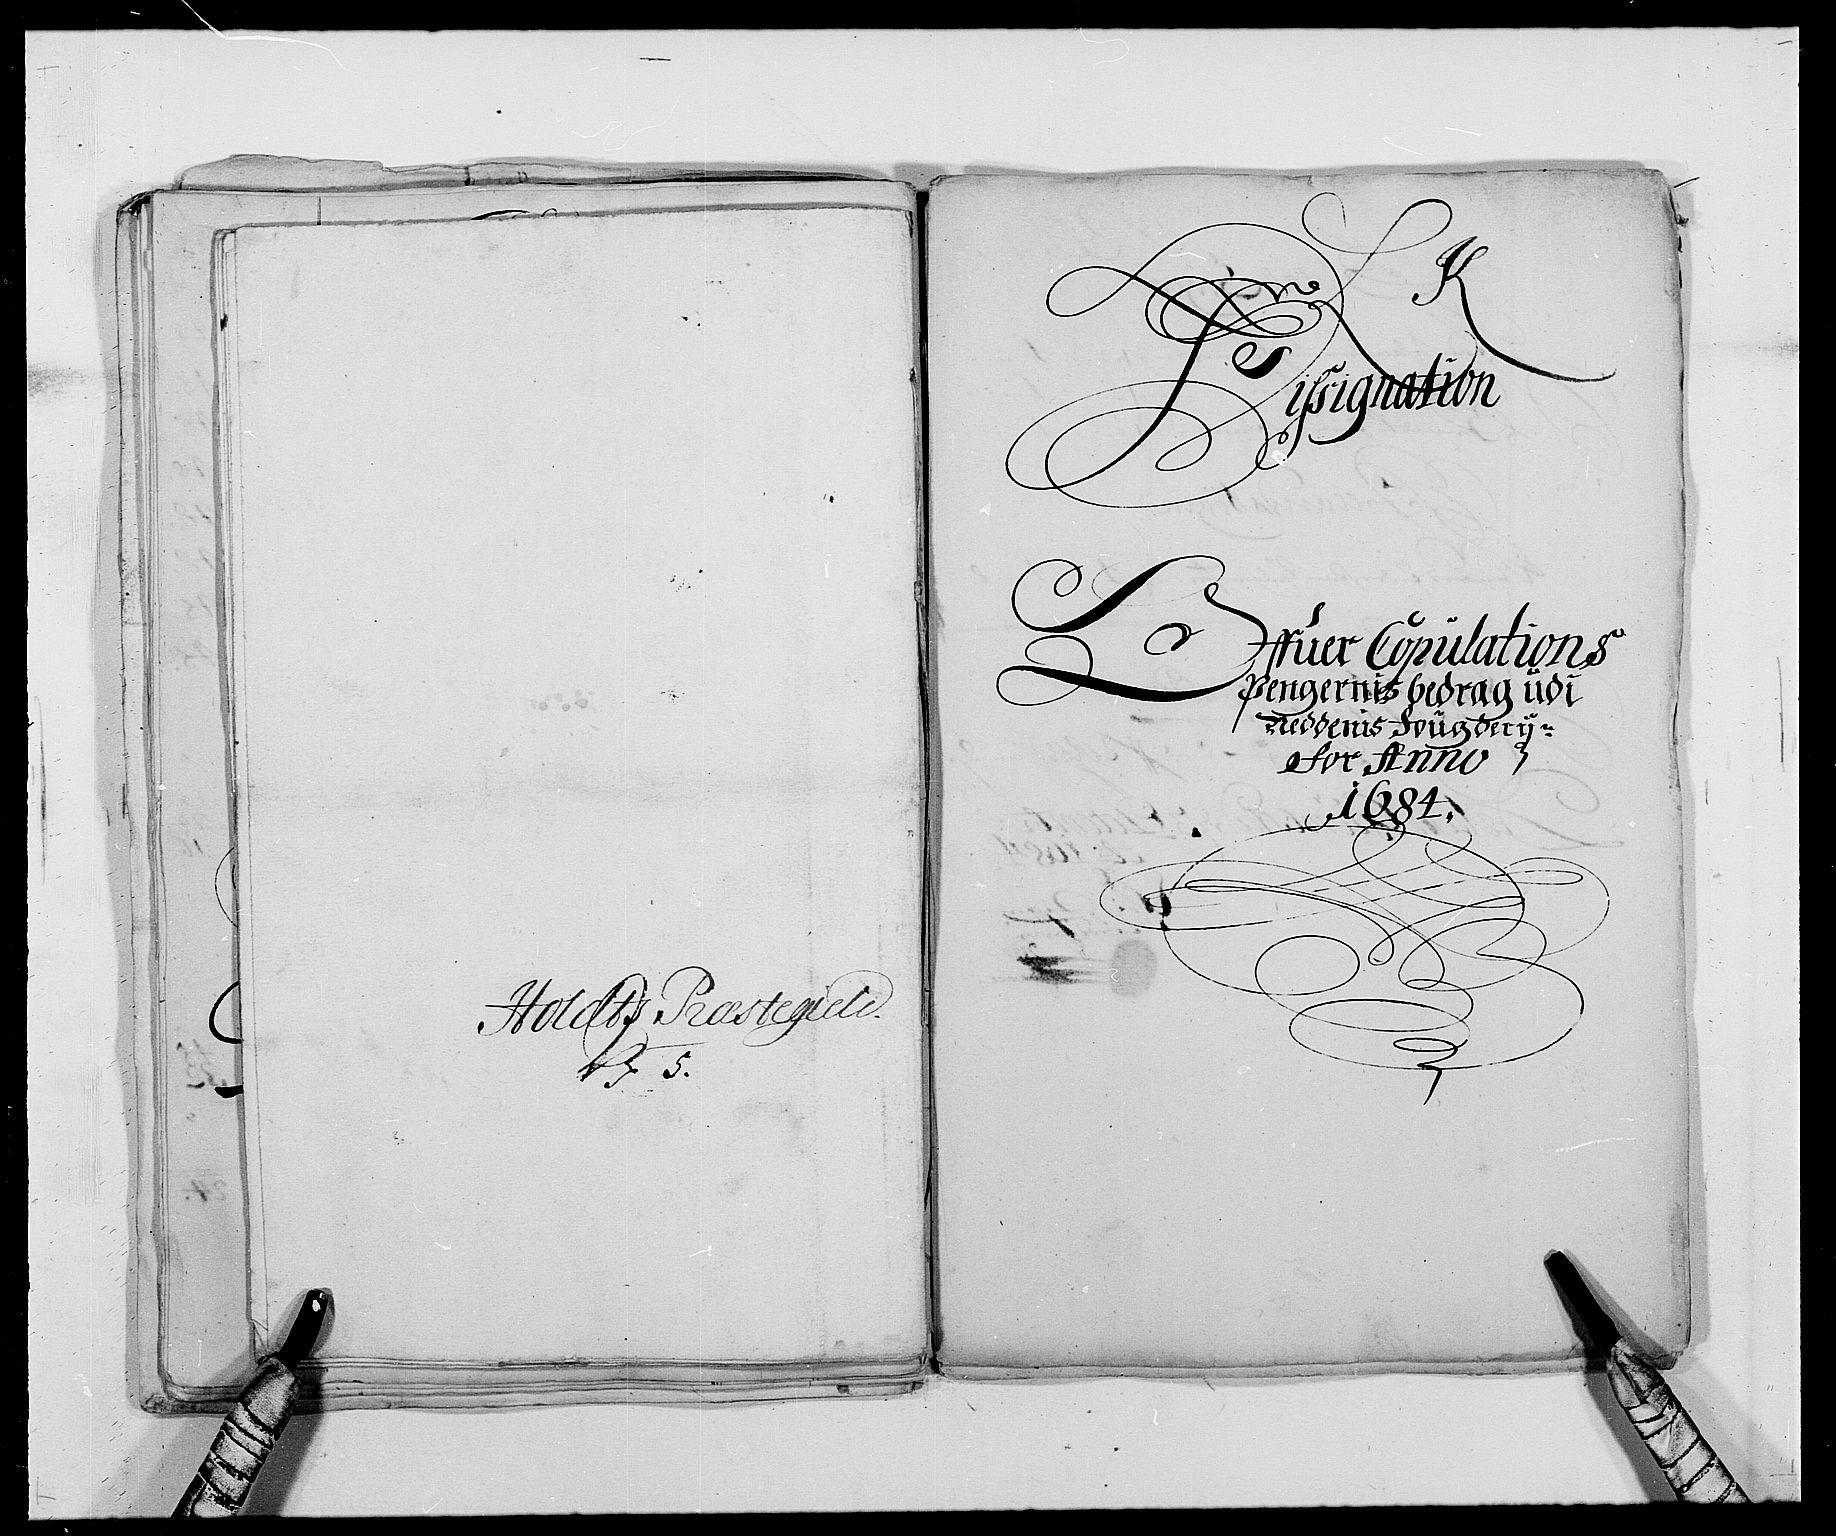 RA, Rentekammeret inntil 1814, Reviderte regnskaper, Fogderegnskap, R39/L2308: Fogderegnskap Nedenes, 1684-1689, s. 133